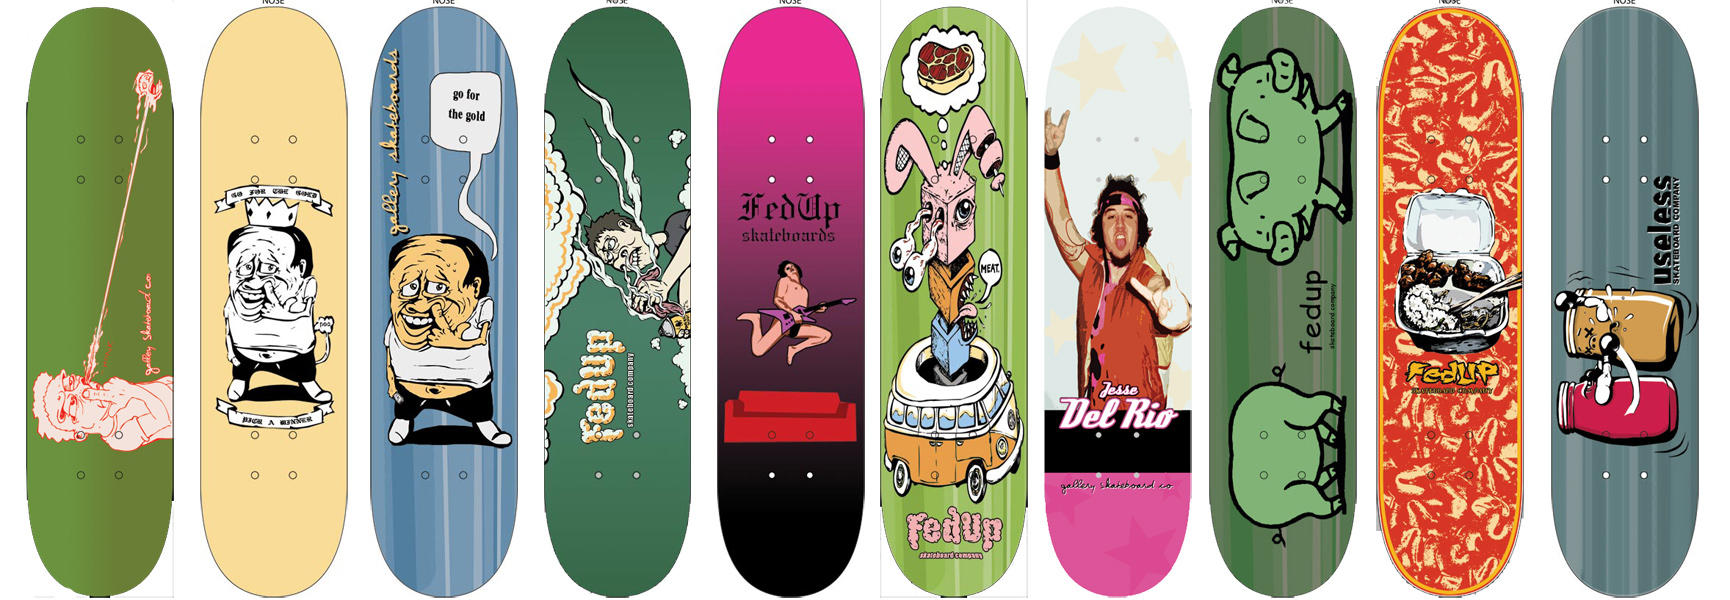 skateboard designs, random. by kirkfinger on DeviantArt